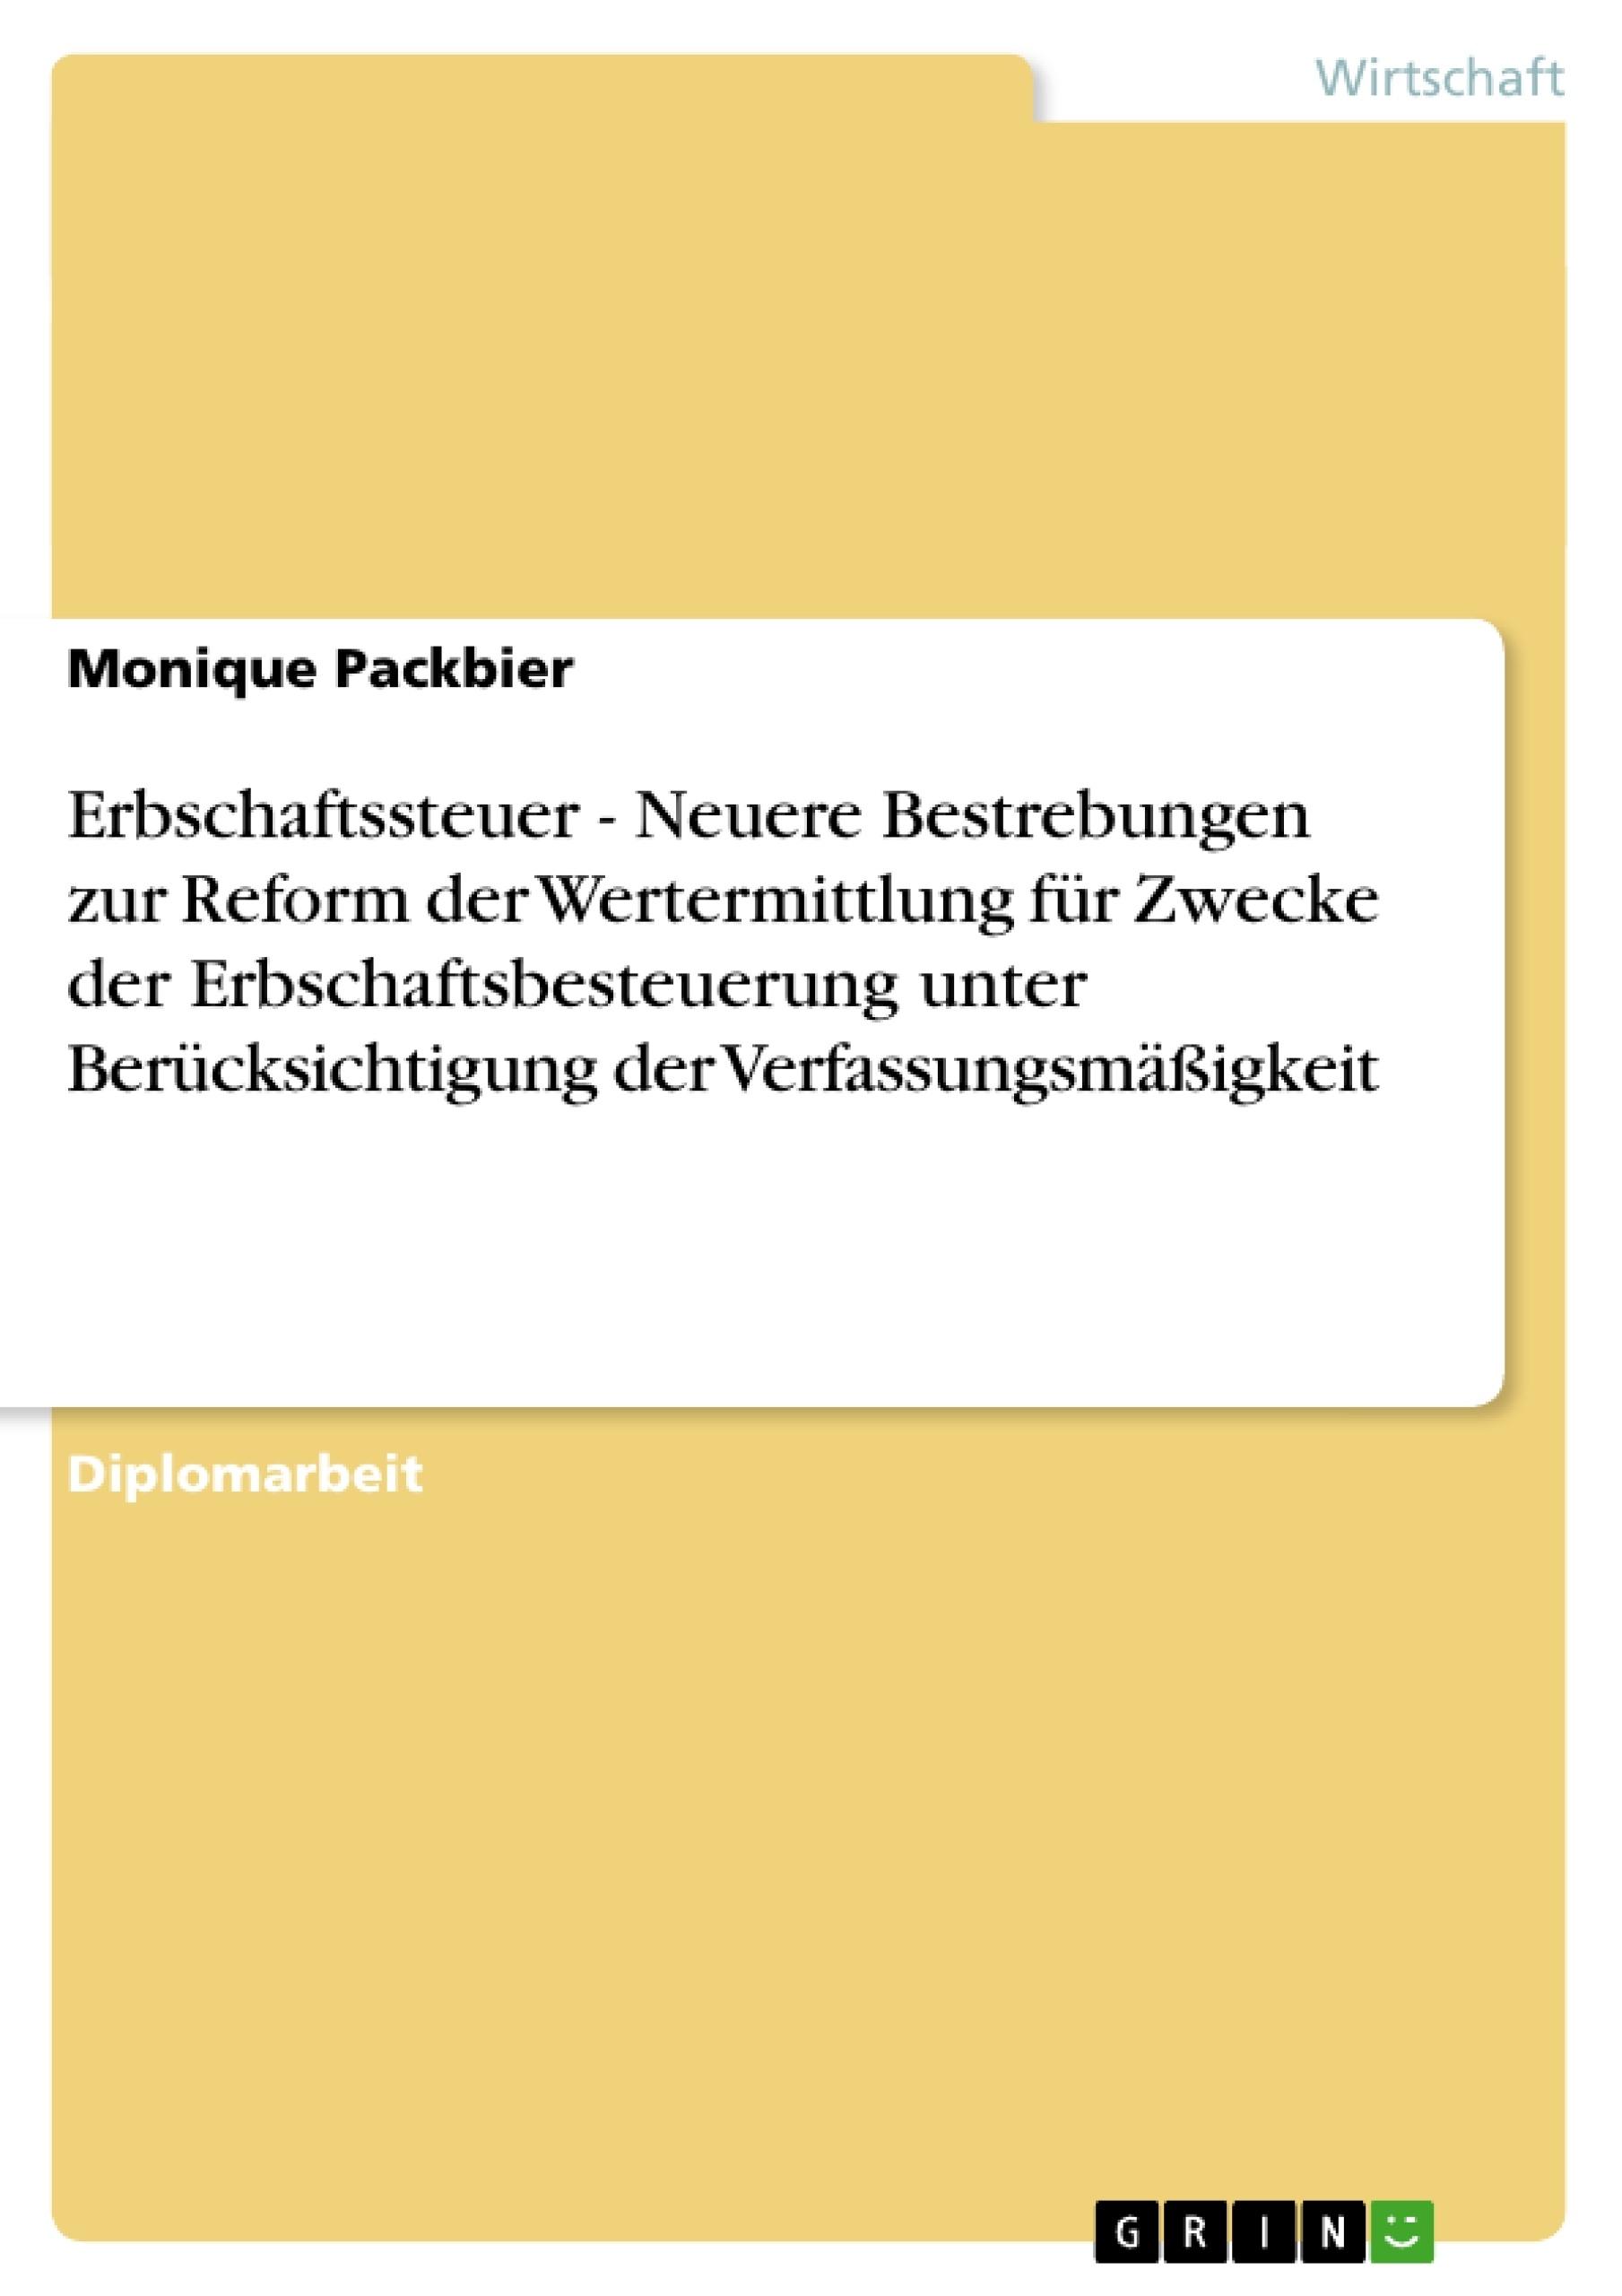 Titel: Erbschaftssteuer - Neuere Bestrebungen zur Reform der Wertermittlung für Zwecke der Erbschaftsbesteuerung unter Berücksichtigung der Verfassungsmäßigkeit